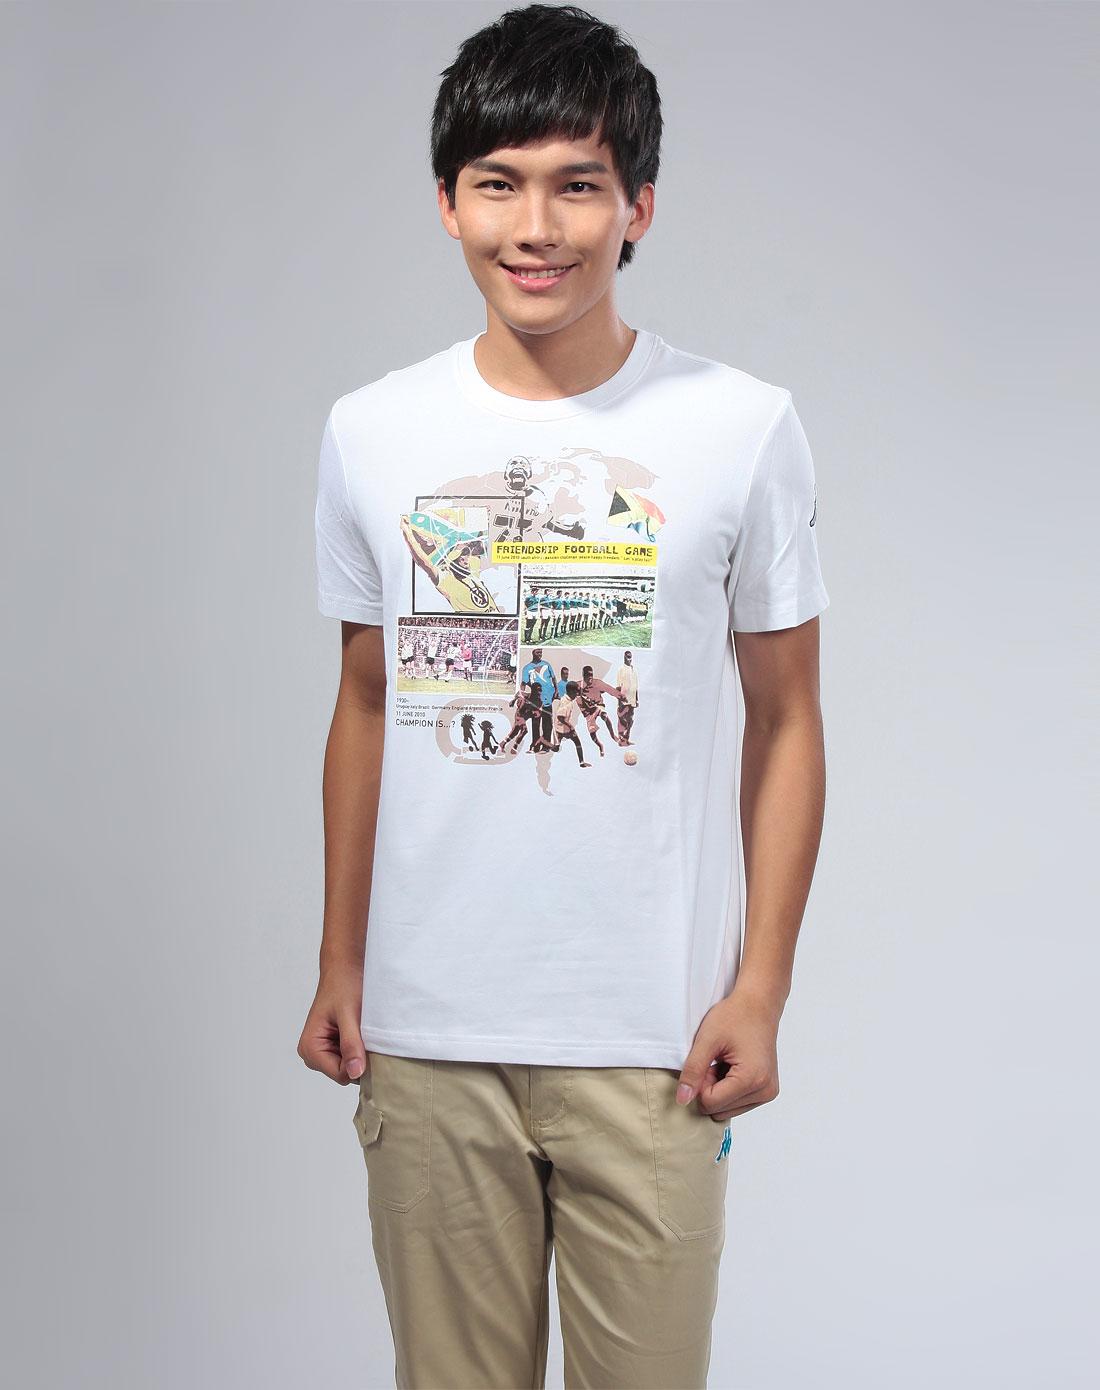 [ 卡帕 ] 白色圆领短袖图案t恤